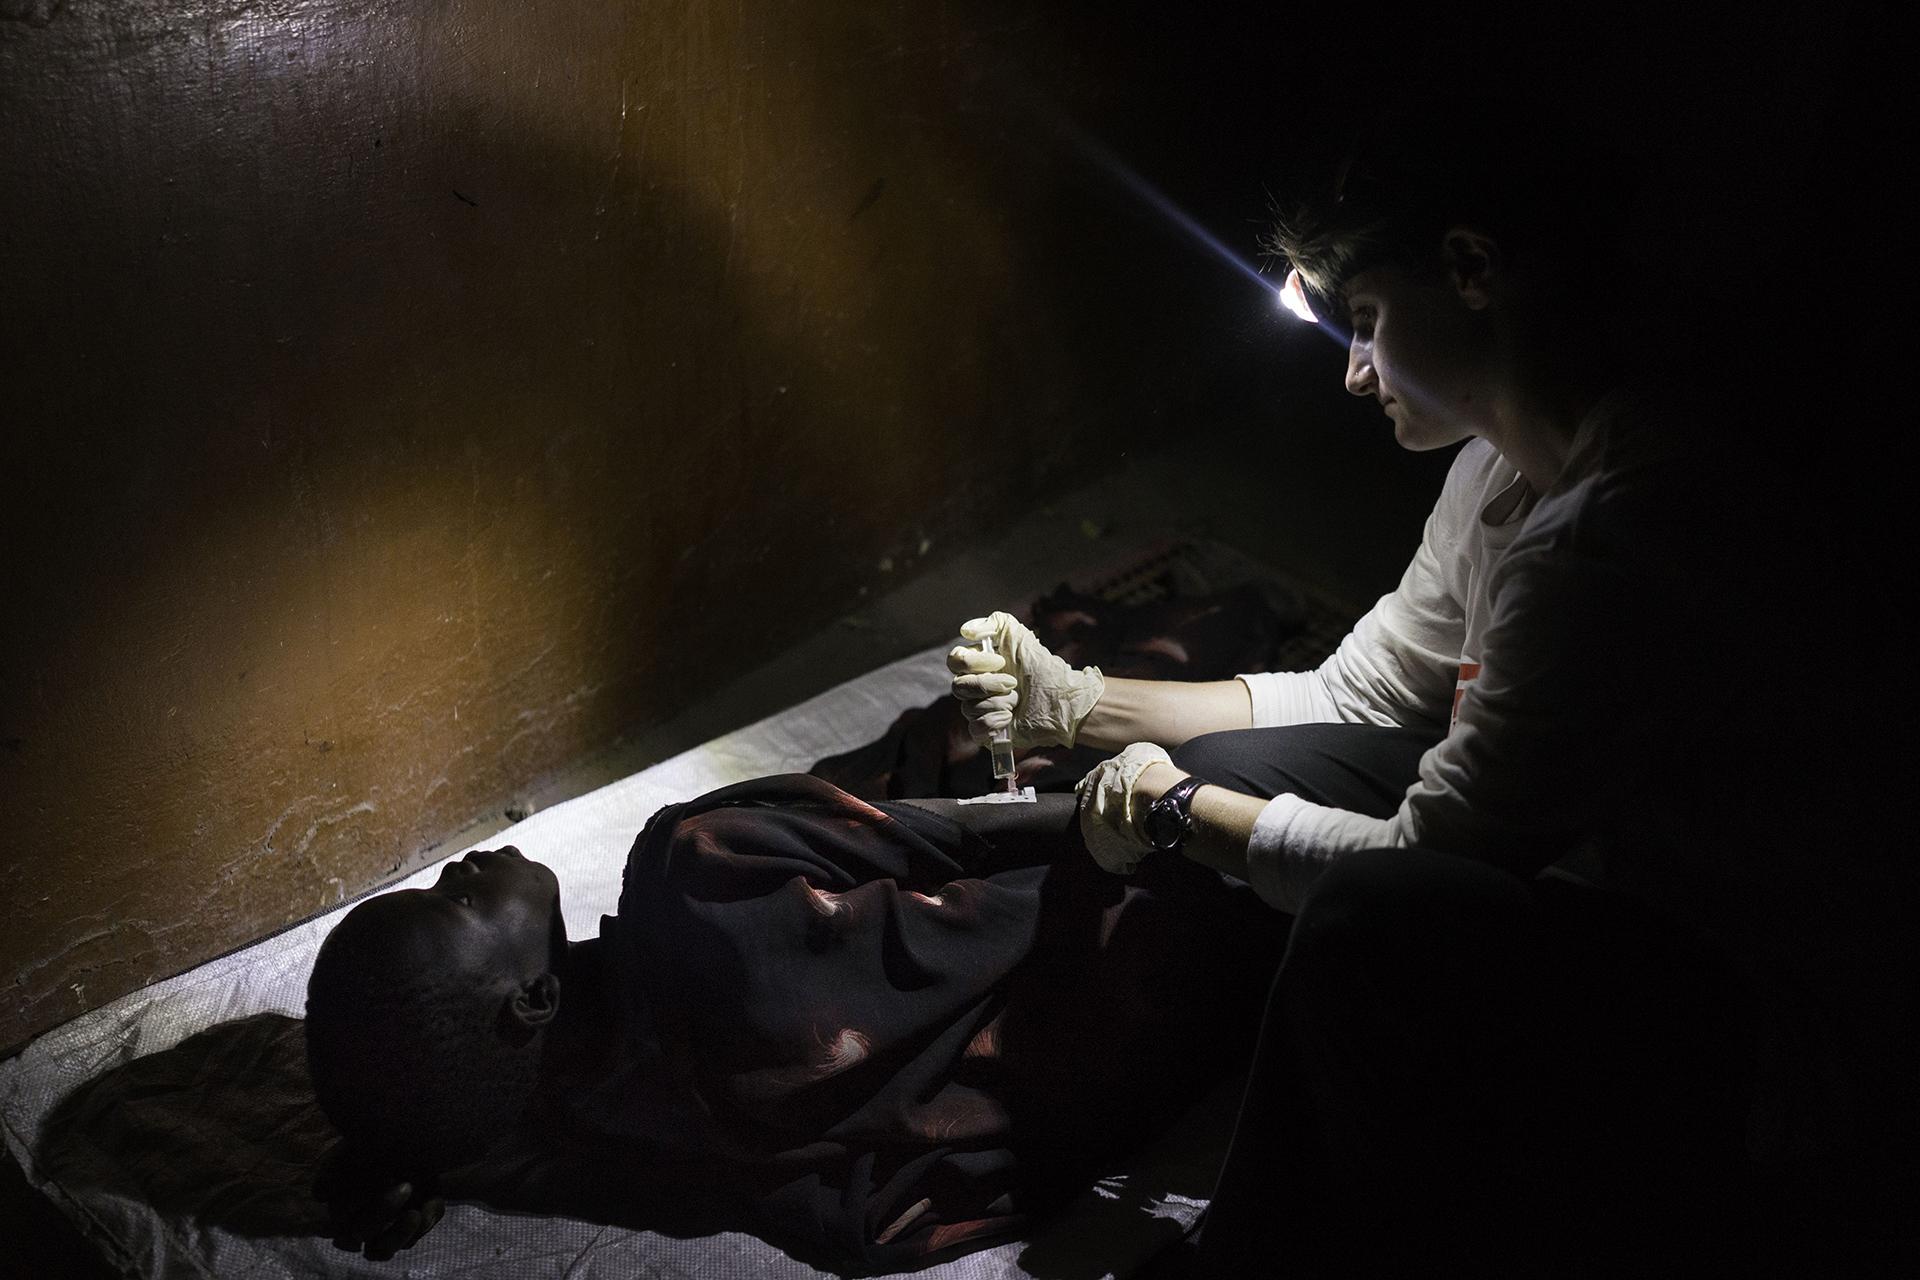 LEER, SUDÁN DEL SUR: Un integrante de MSF monitoreando la condición de un niño bajo sospecha de padecer rabia, después de que un perro le mordiera la cabeza. Al ser forzado a evacuar el hospital de Leer después de que fuera atacado por hombres armados, el equipo de MSF está trabajando en un edificio abandonado. Si el niño da positivo en la prueba de rabia, será poco lo que el personal médico pueda hacer para salvarlo (© Dominic Nahr)